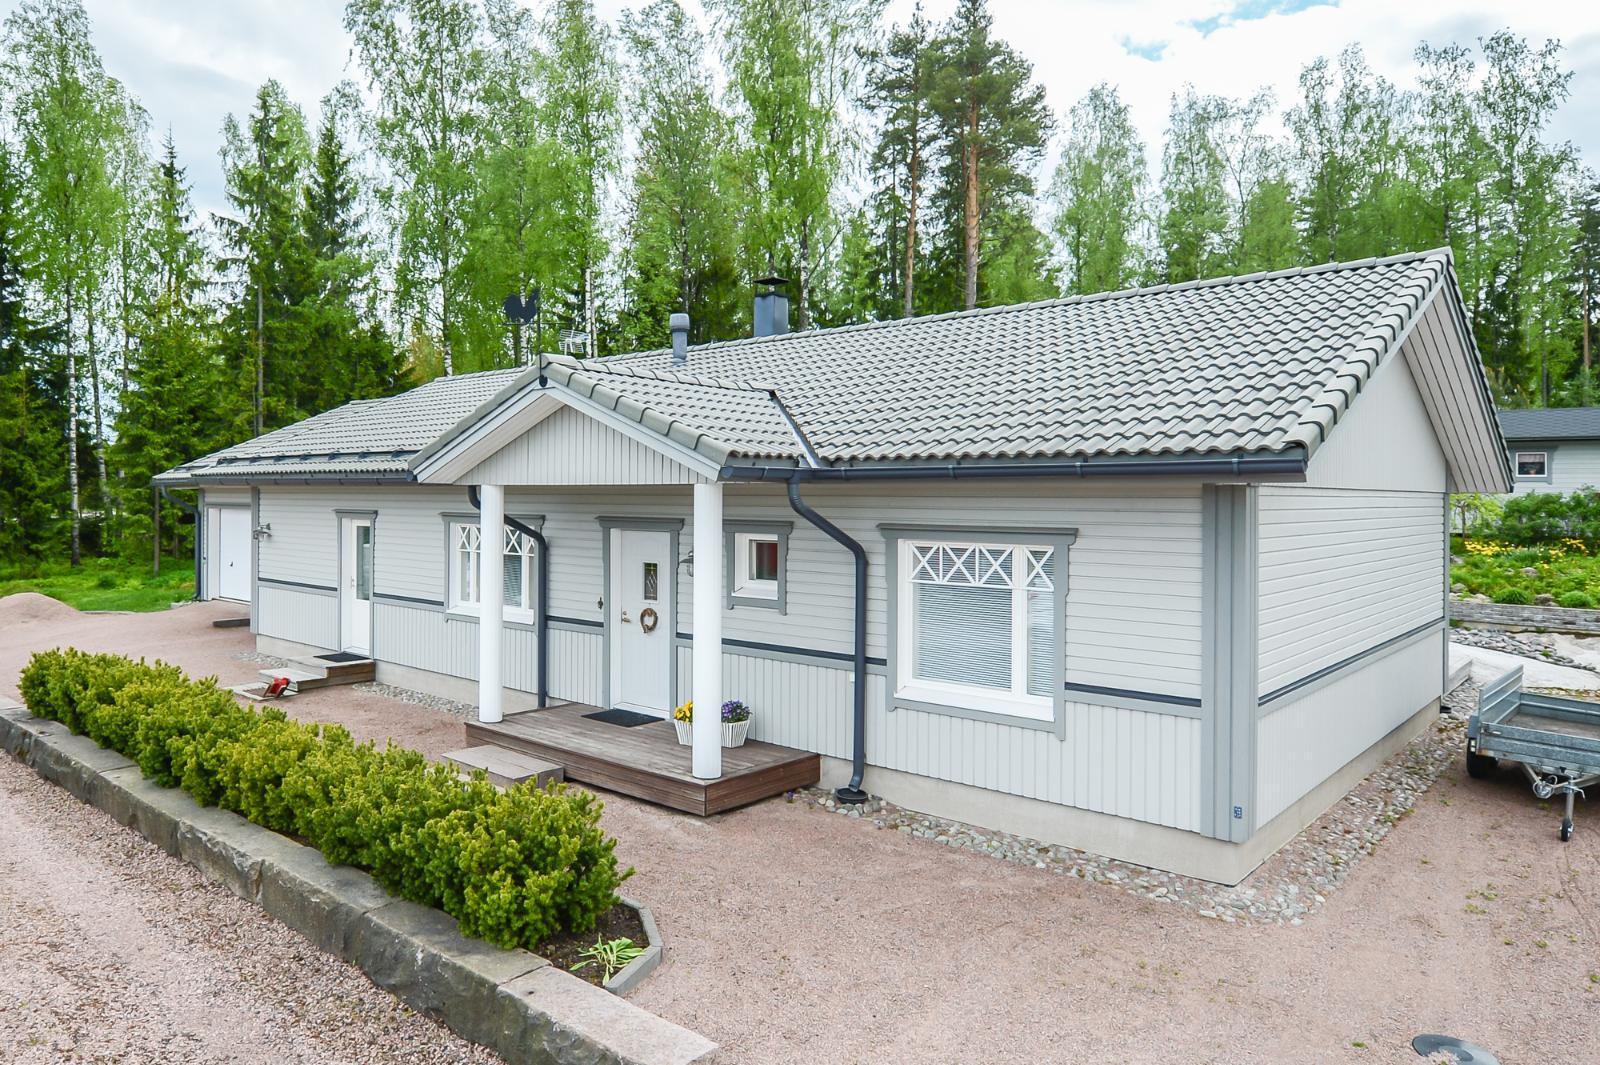 Myydään Omakotitalo 4 huonetta  Raasepori Karjaa Myllykuja 13  Etuovi com 9